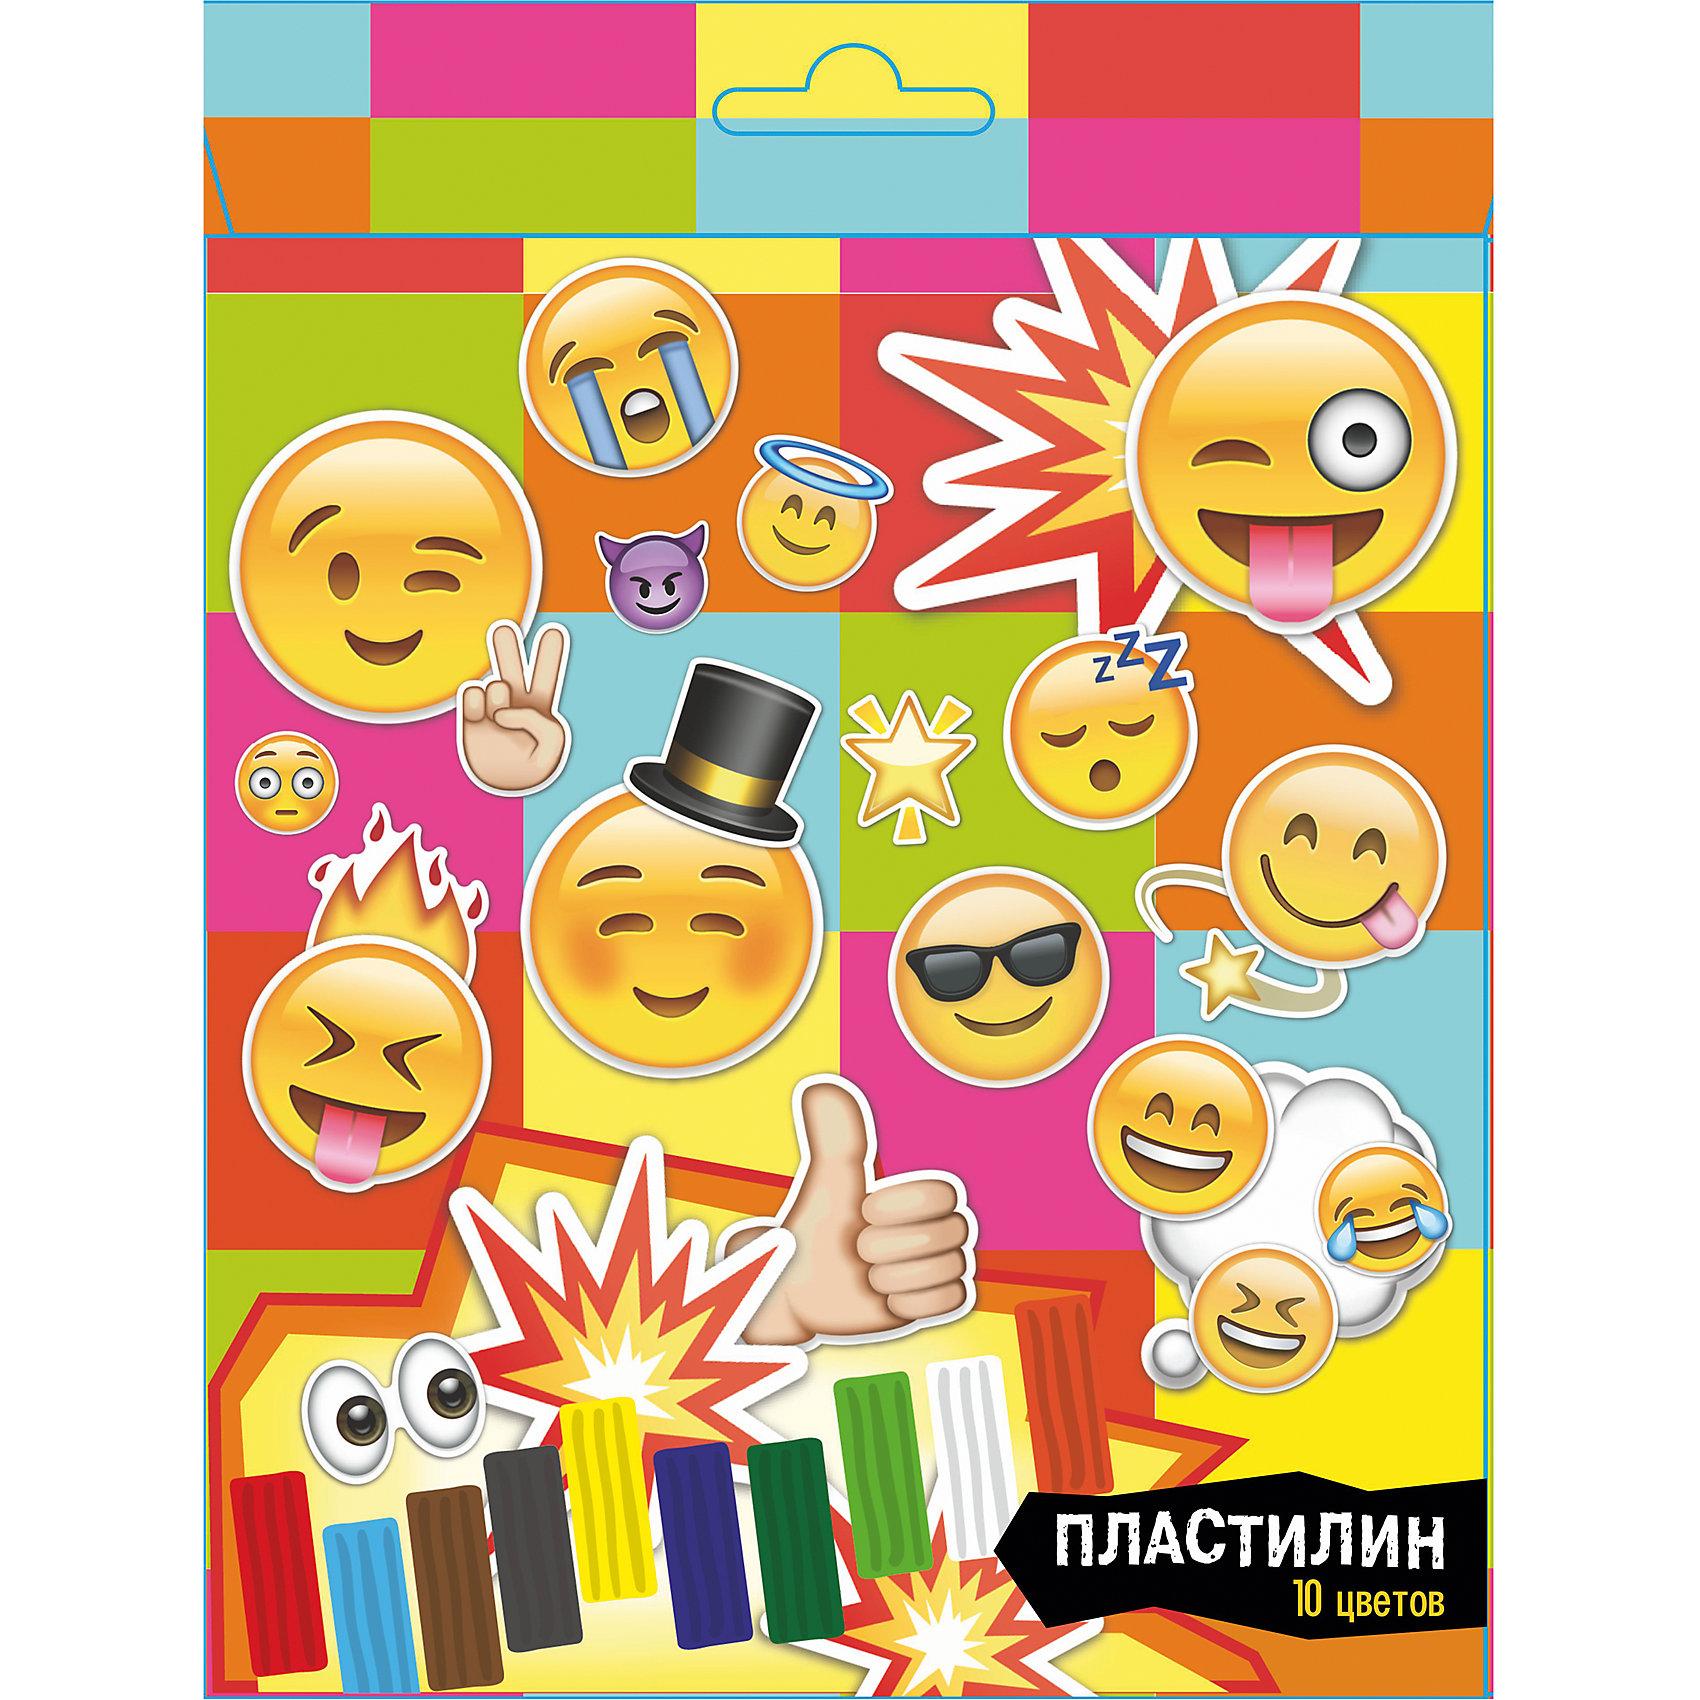 Пластилин 10 цветов Смайлы, 200 гПластилин<br>Пластилин 10 цветов Смайлы, 200 г<br><br>Характеристики:<br><br>- в набор входит: 10 кусочков пластилина, стек<br>- состав: пластилин, пластик <br>- вес: 210 гр.<br>- для детей в возрасте: от 3 до 12 лет<br>- Страна производитель: Китай<br><br>Пластилин в яркой упаковке от немецкого бренда Centrum (Центрум), который специализируется на товарах для детского творчества и развития. Состав пластилина нетоксичен и безопасен для детей. Веселые смайлики на коробочке вдохновят на новые произведения как мальчишек, так и девчонок. Яркие десять цветов пластилина можно смешивать между собой и получать новые оттенки, что понравится юным творцам. После игры пластилин можно хранить в упаковочной коробочке. Работа с пластилином разрабатывает моторику рук, творческие способности, успокаивает, помогает развить аккуратность и внимание. <br><br>Пластилин 10 цветов Смайлы, 200 г можно купить в нашем интернет-магазине.<br><br>Ширина мм: 170<br>Глубина мм: 90<br>Высота мм: 50<br>Вес г: 210<br>Возраст от месяцев: 36<br>Возраст до месяцев: 120<br>Пол: Унисекс<br>Возраст: Детский<br>SKU: 5175436